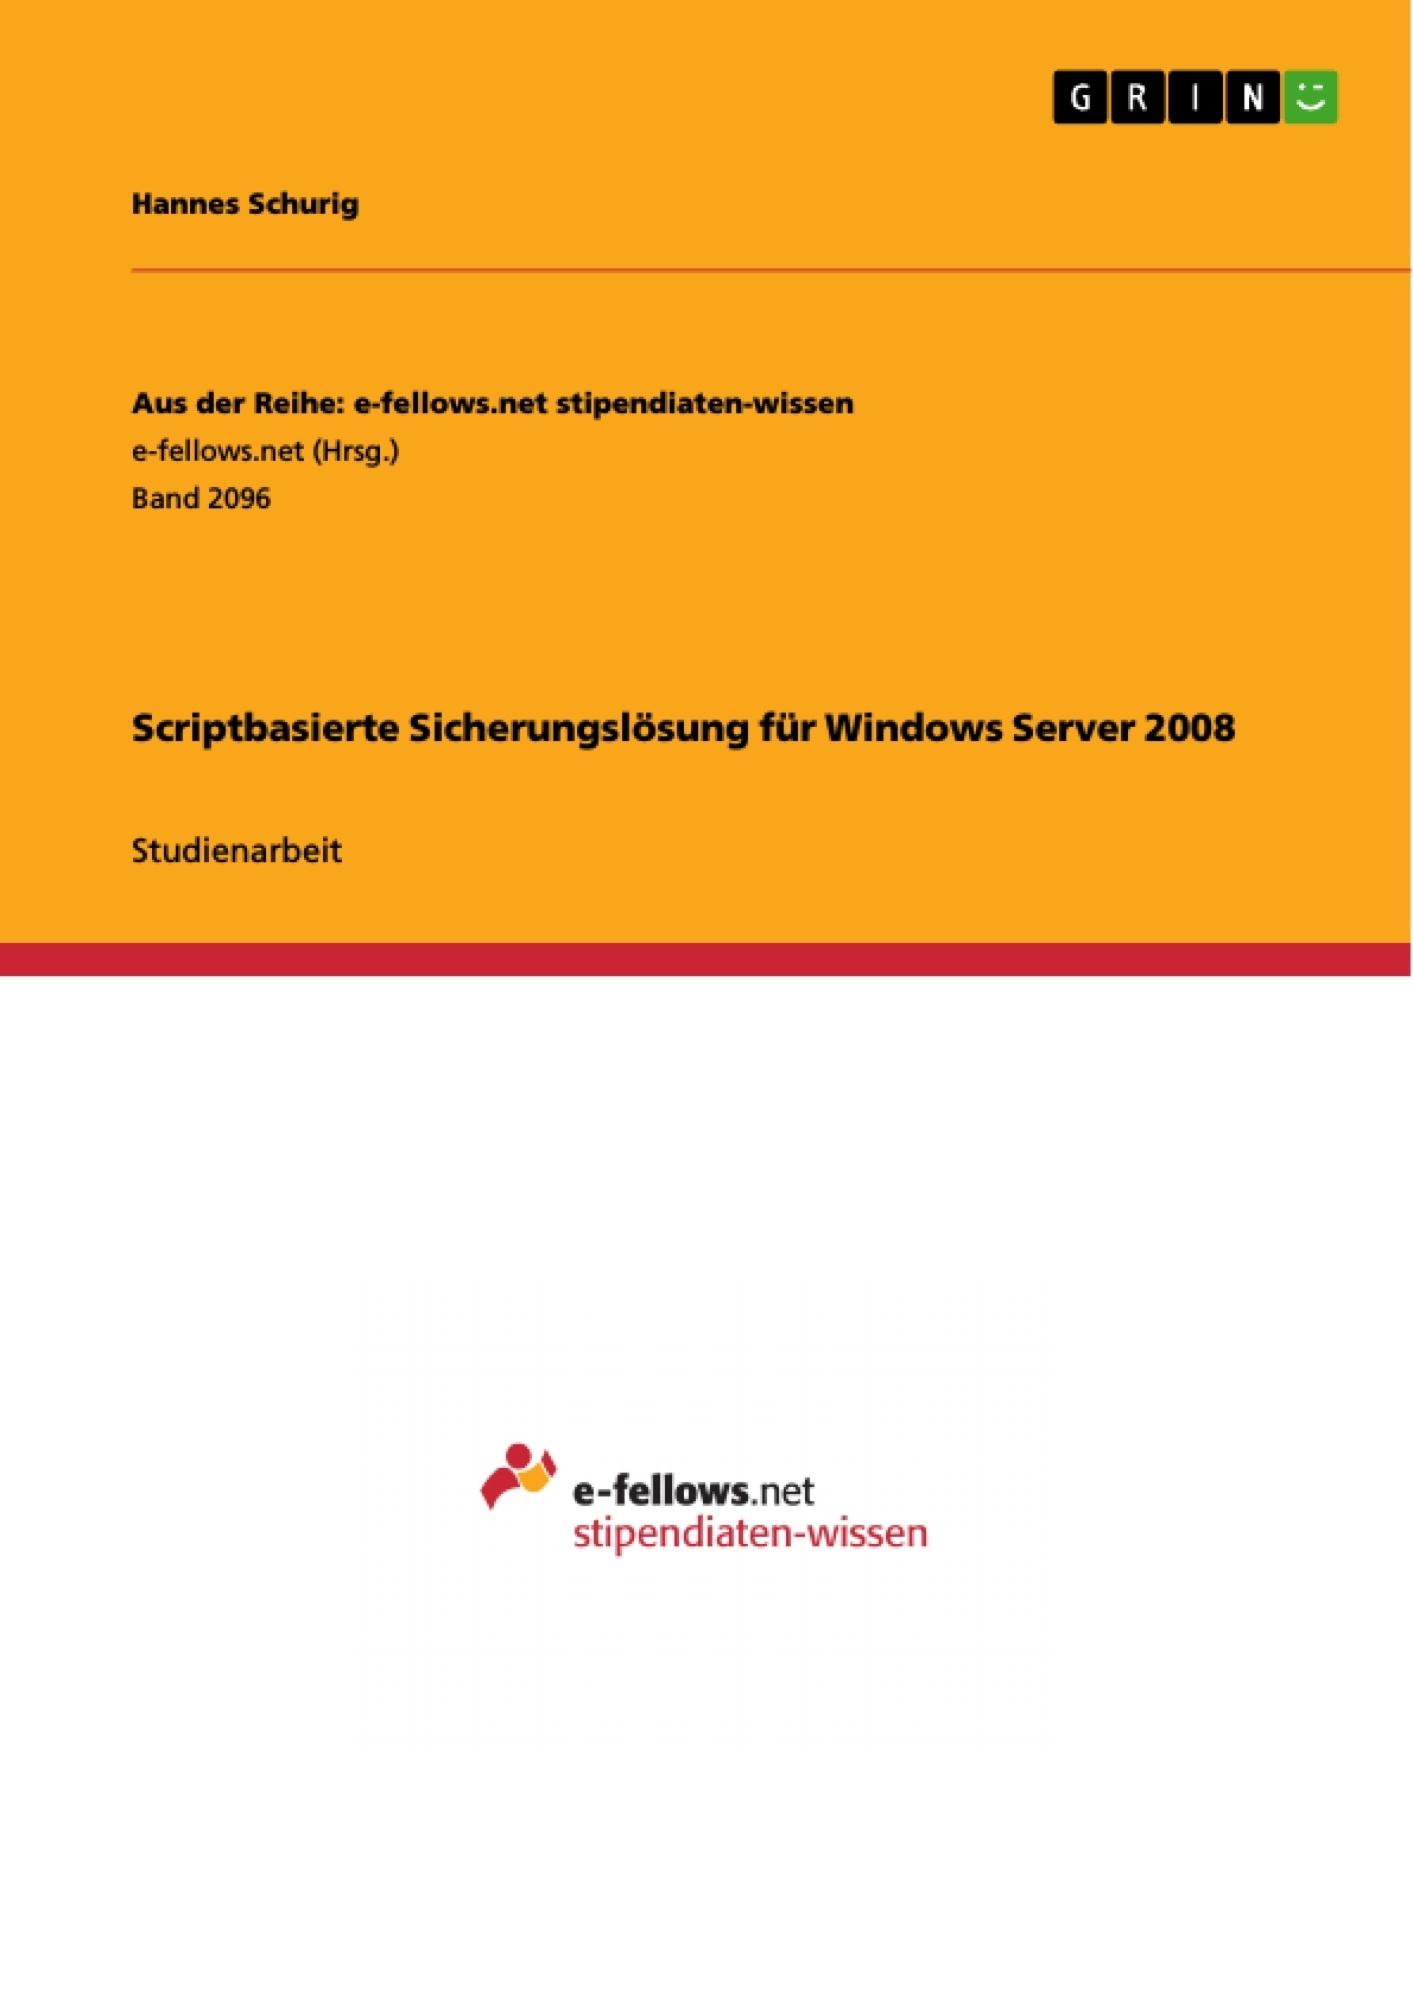 Titel: Scriptbasierte Sicherungslösung für Windows Server 2008